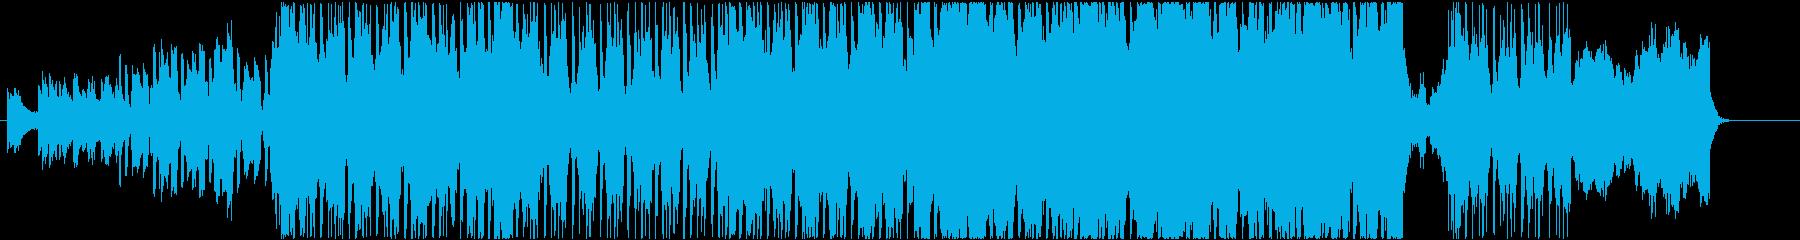 ストリングスが壮大なアラビアンロックの再生済みの波形